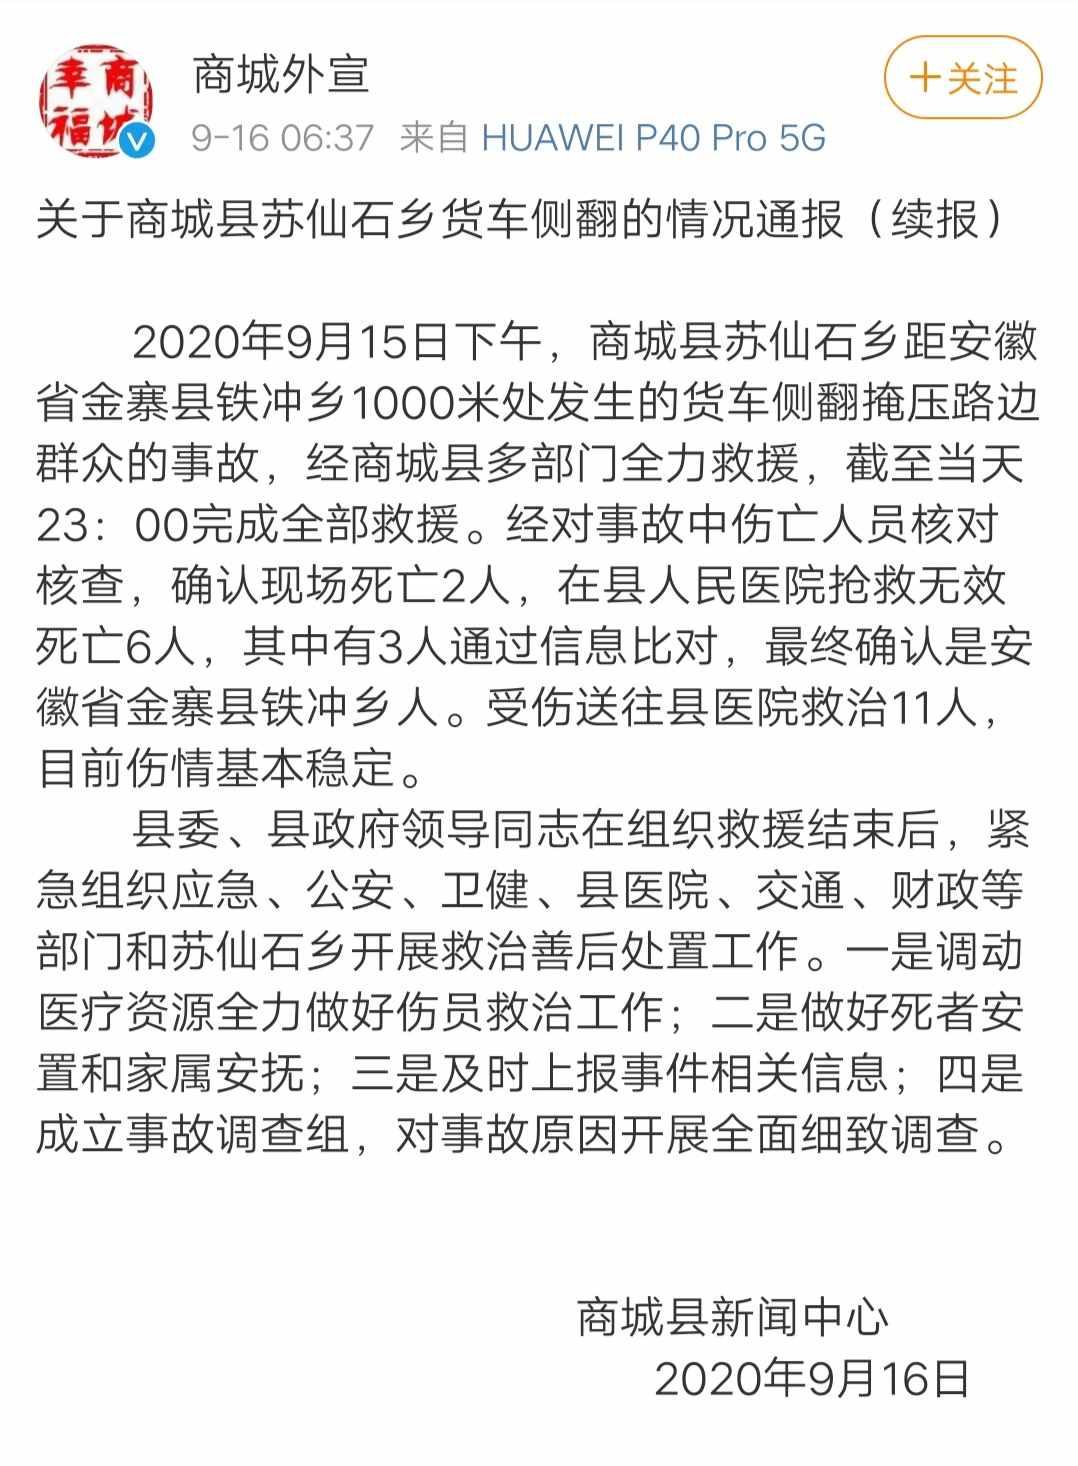 河南商城货车侧翻致8死11伤怎么回事 现场详细过程及原因曝光